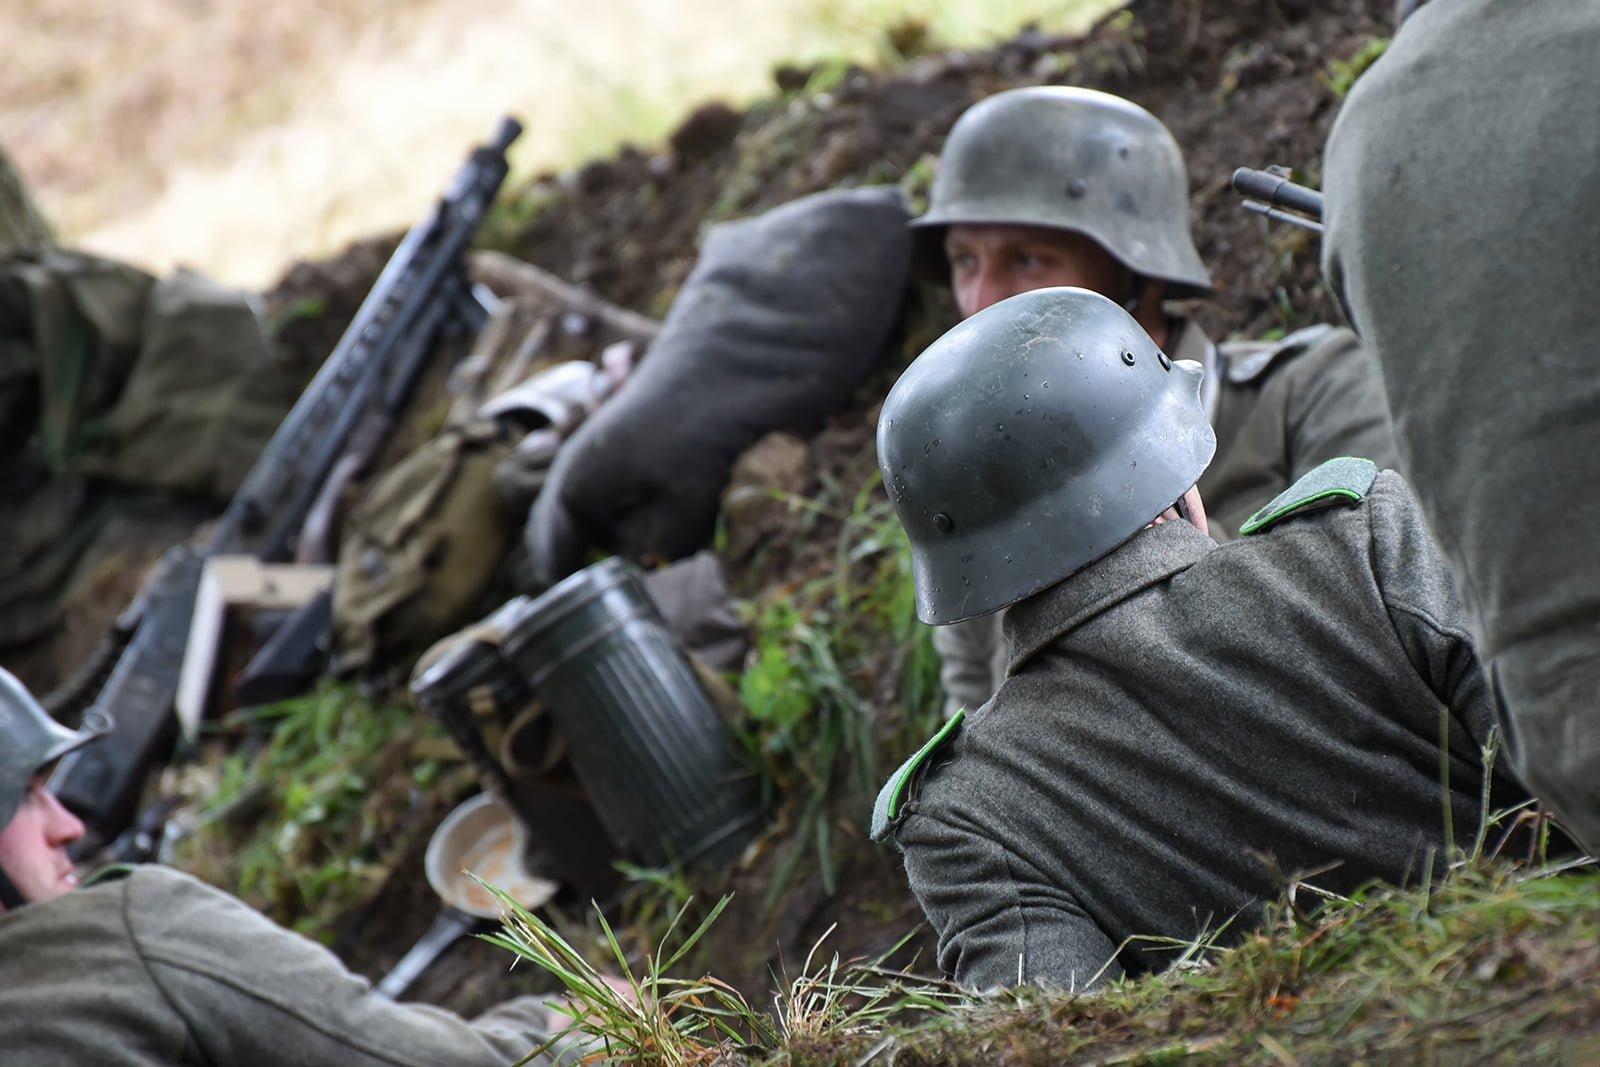 German re-anactors at Capel Military Show